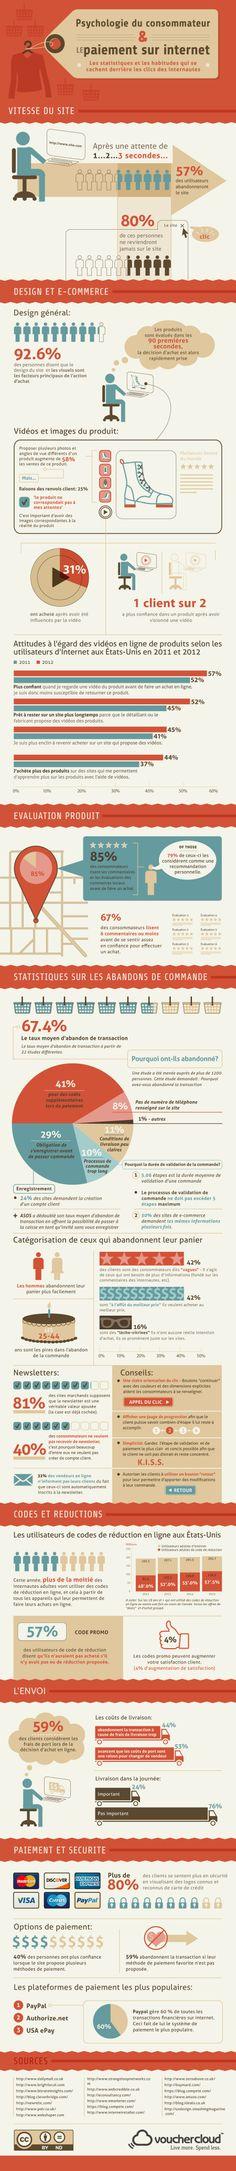 Psychologie des internautes consommateurs et #ecommerce